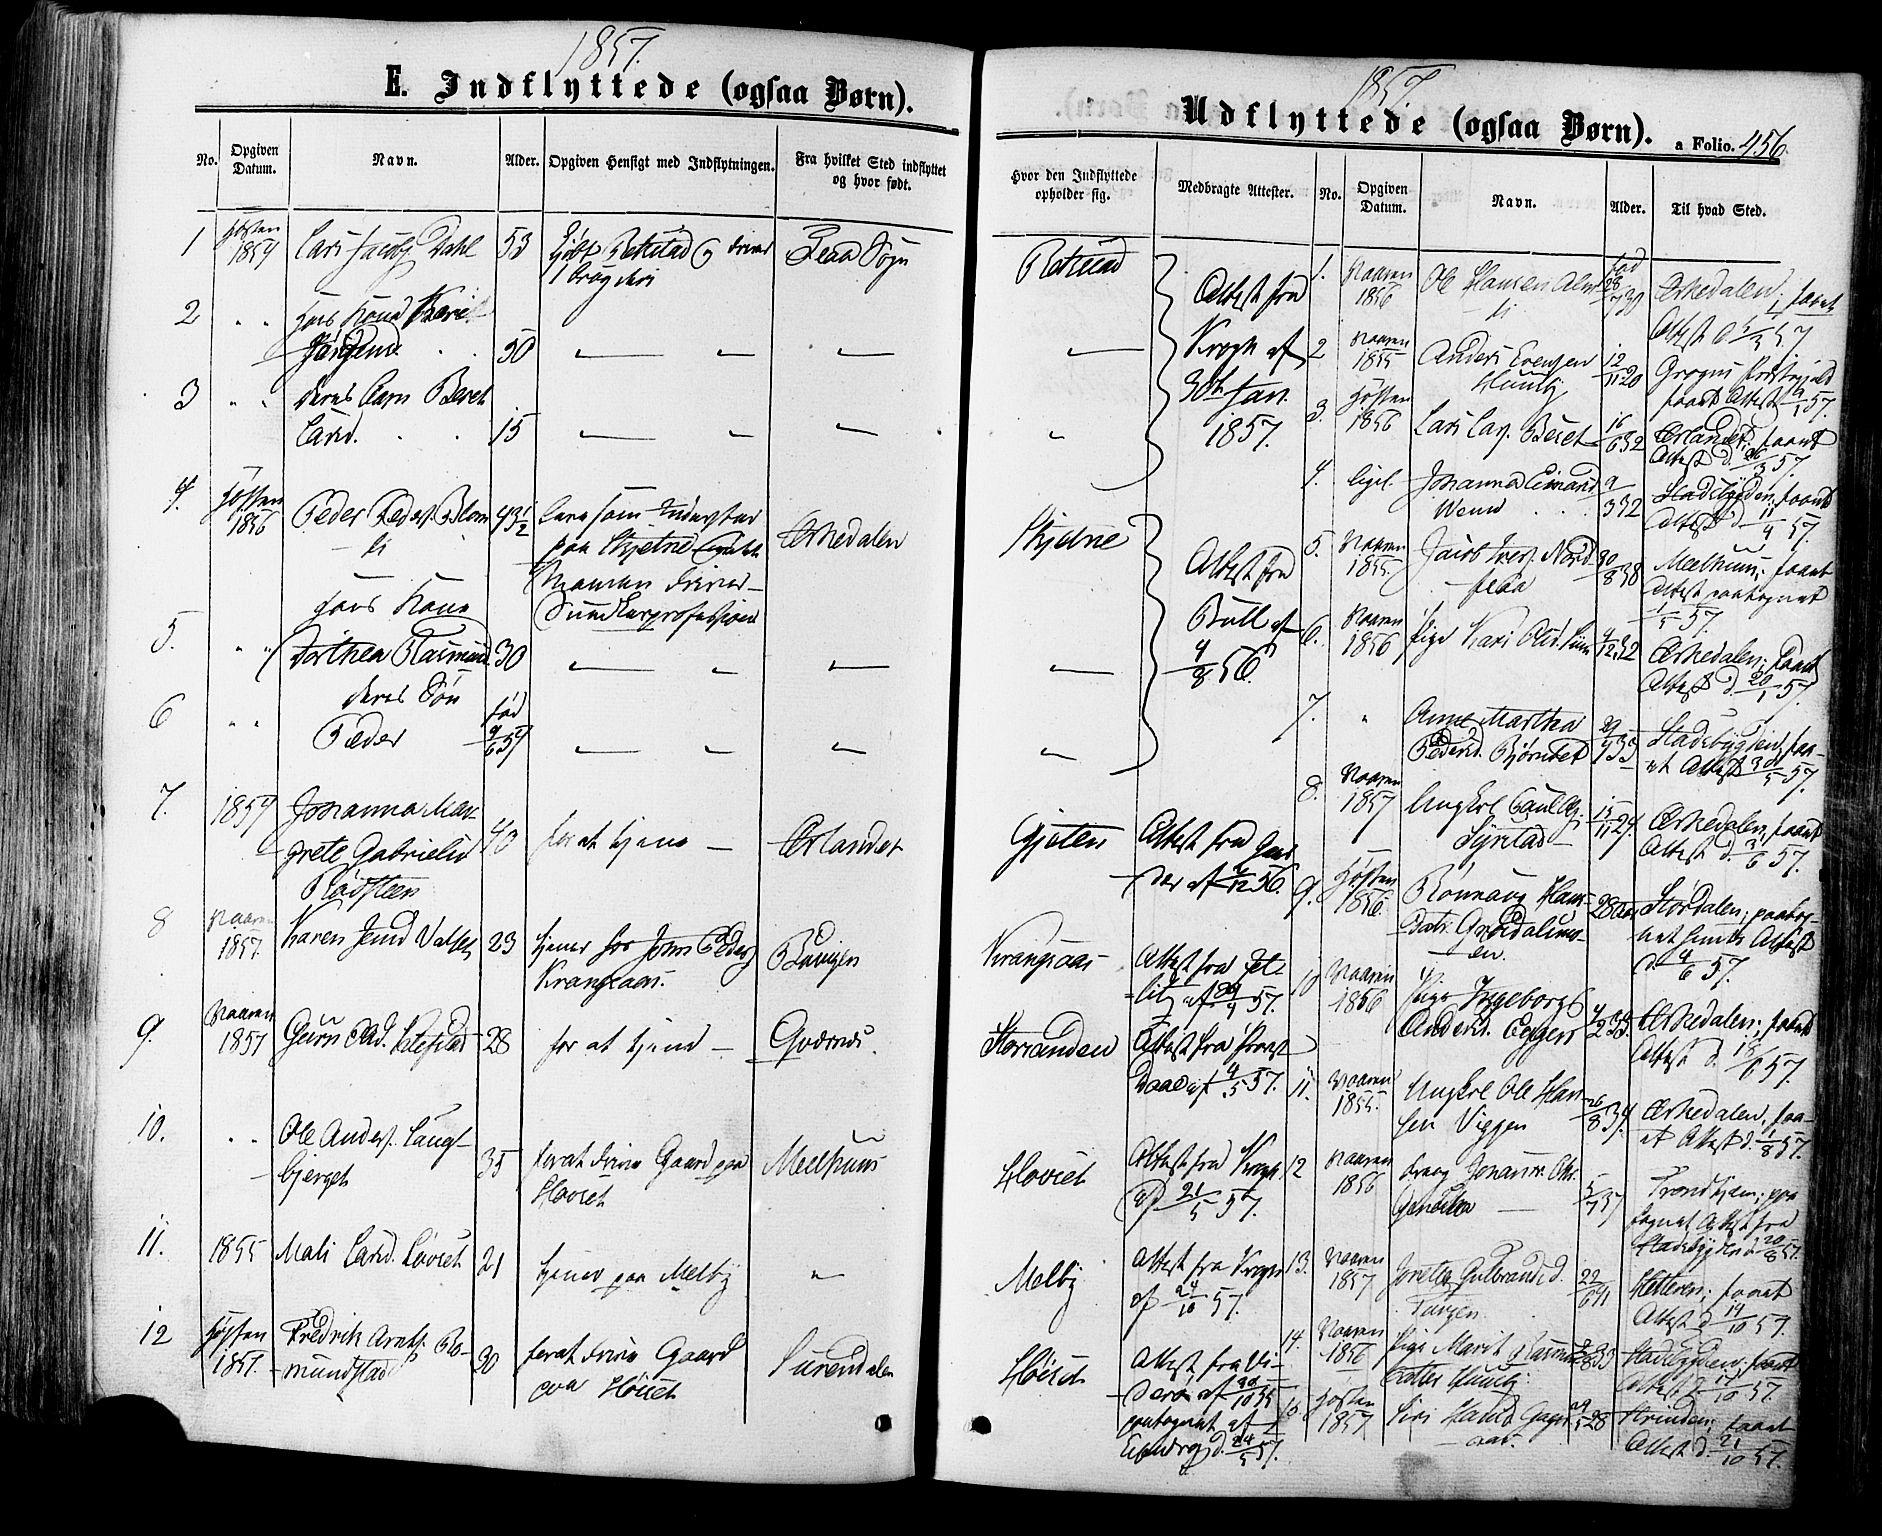 SAT, Ministerialprotokoller, klokkerbøker og fødselsregistre - Sør-Trøndelag, 665/L0772: Ministerialbok nr. 665A07, 1856-1878, s. 456